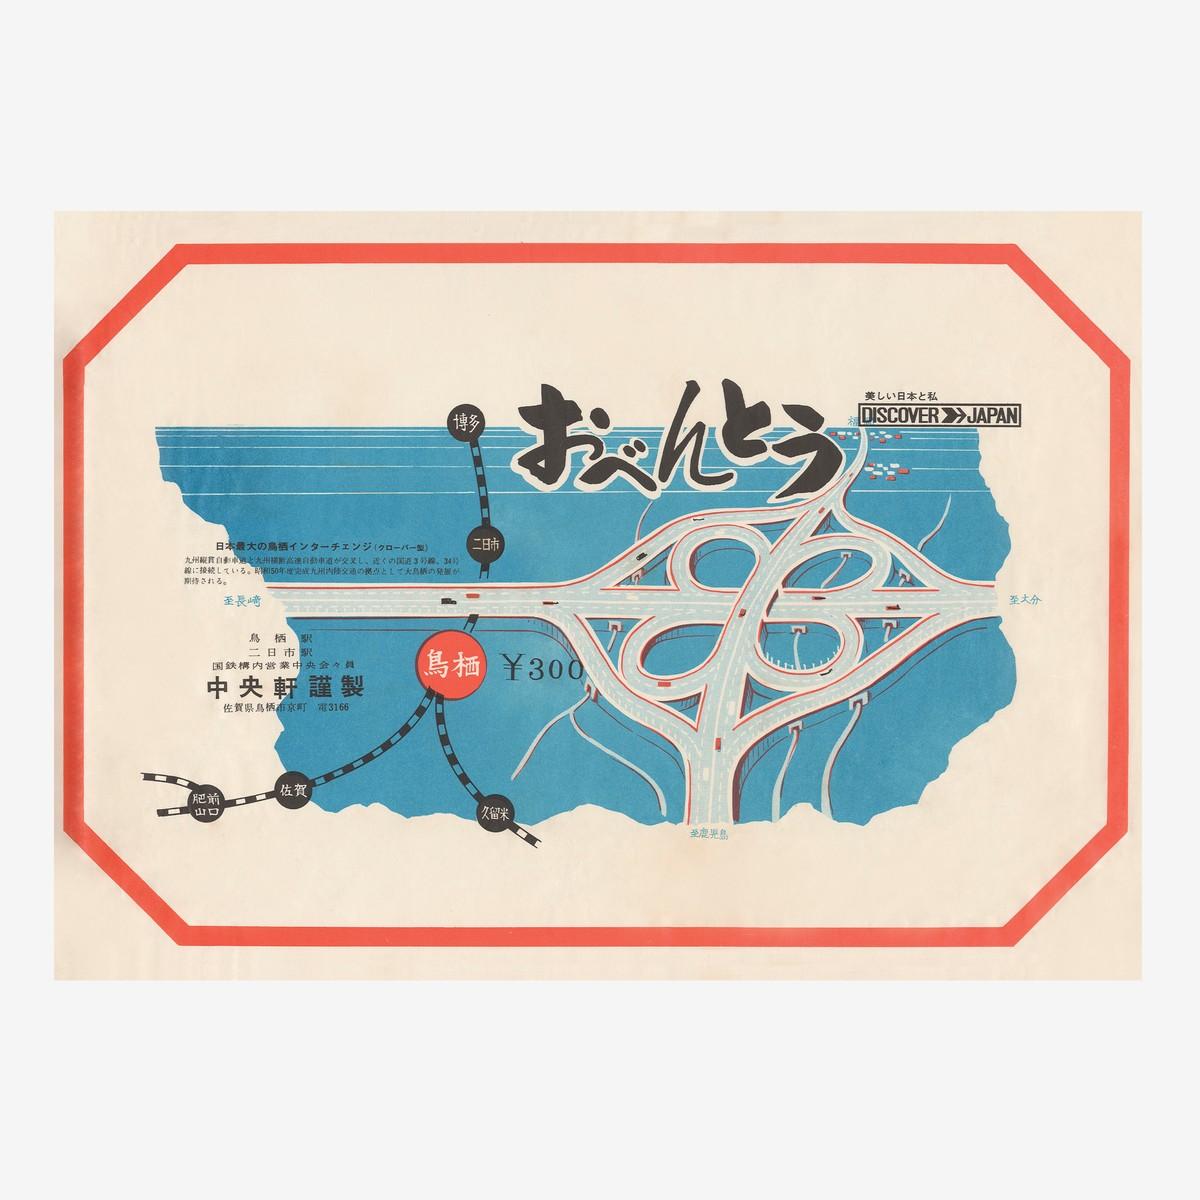 Photo of Kyushu Expressway Vintage Advertising Poster